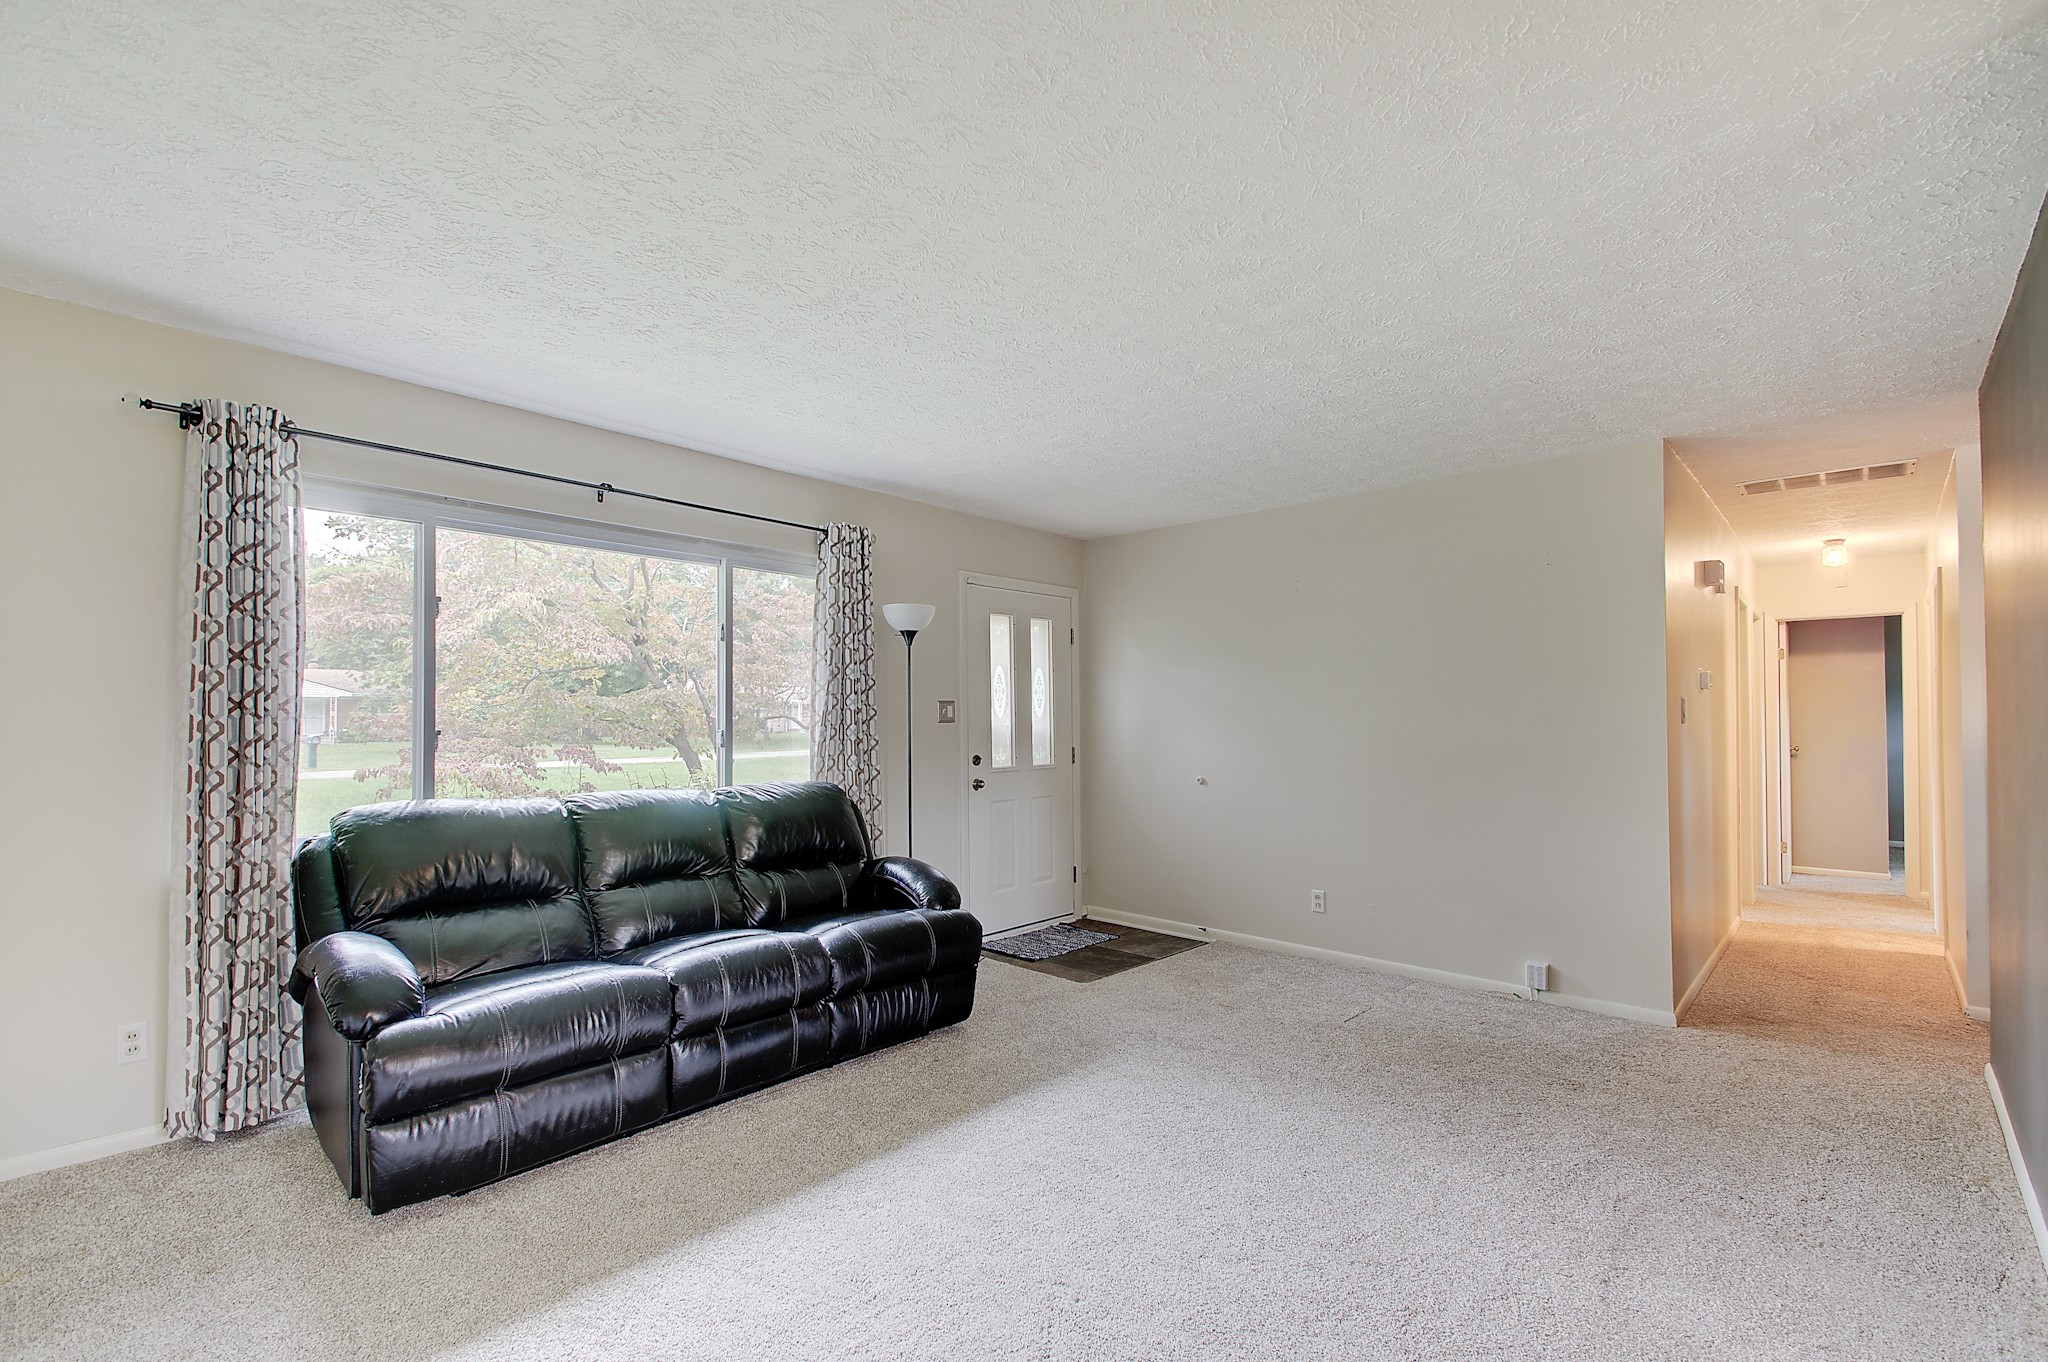 4-Great-Room-View-3.jpg